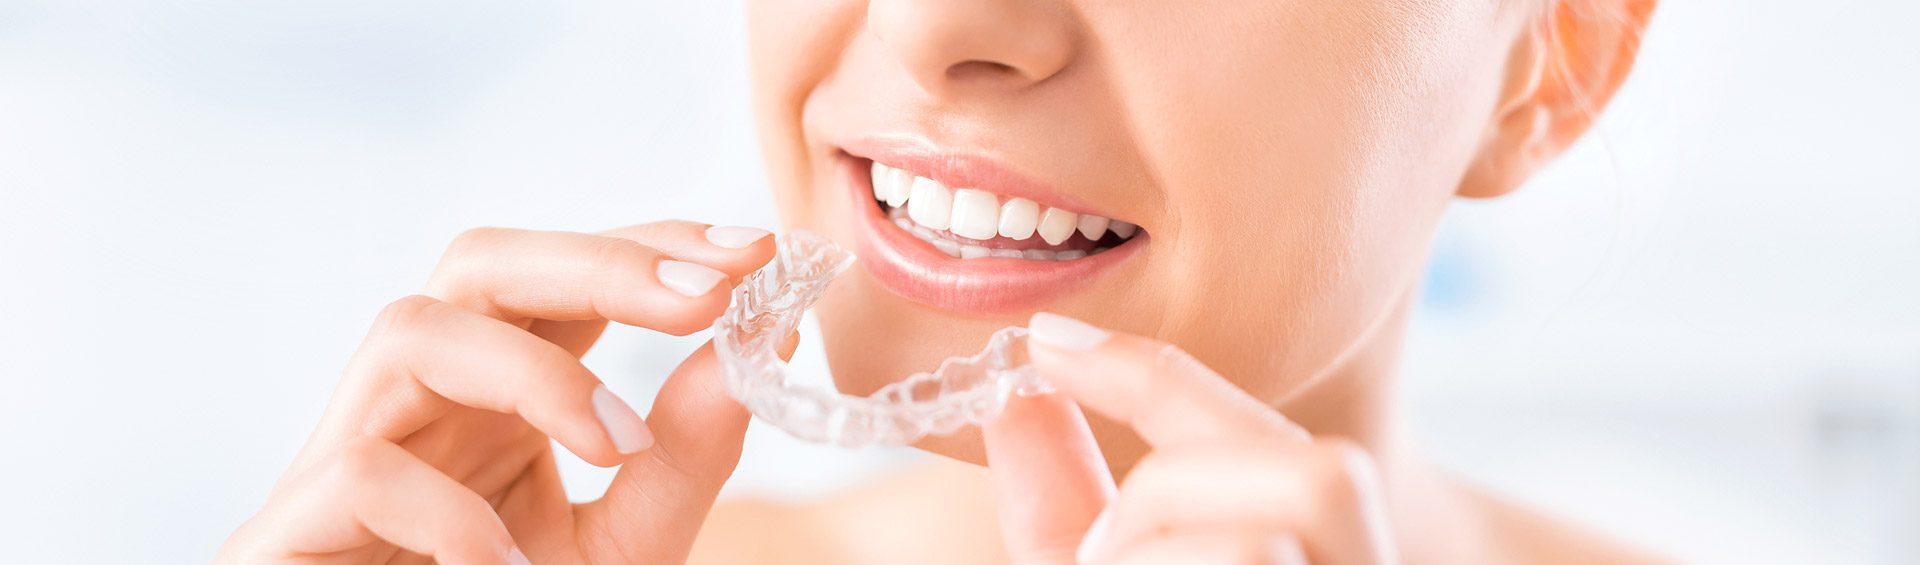 Suresmile Clear Aligner Orthodontics, IN